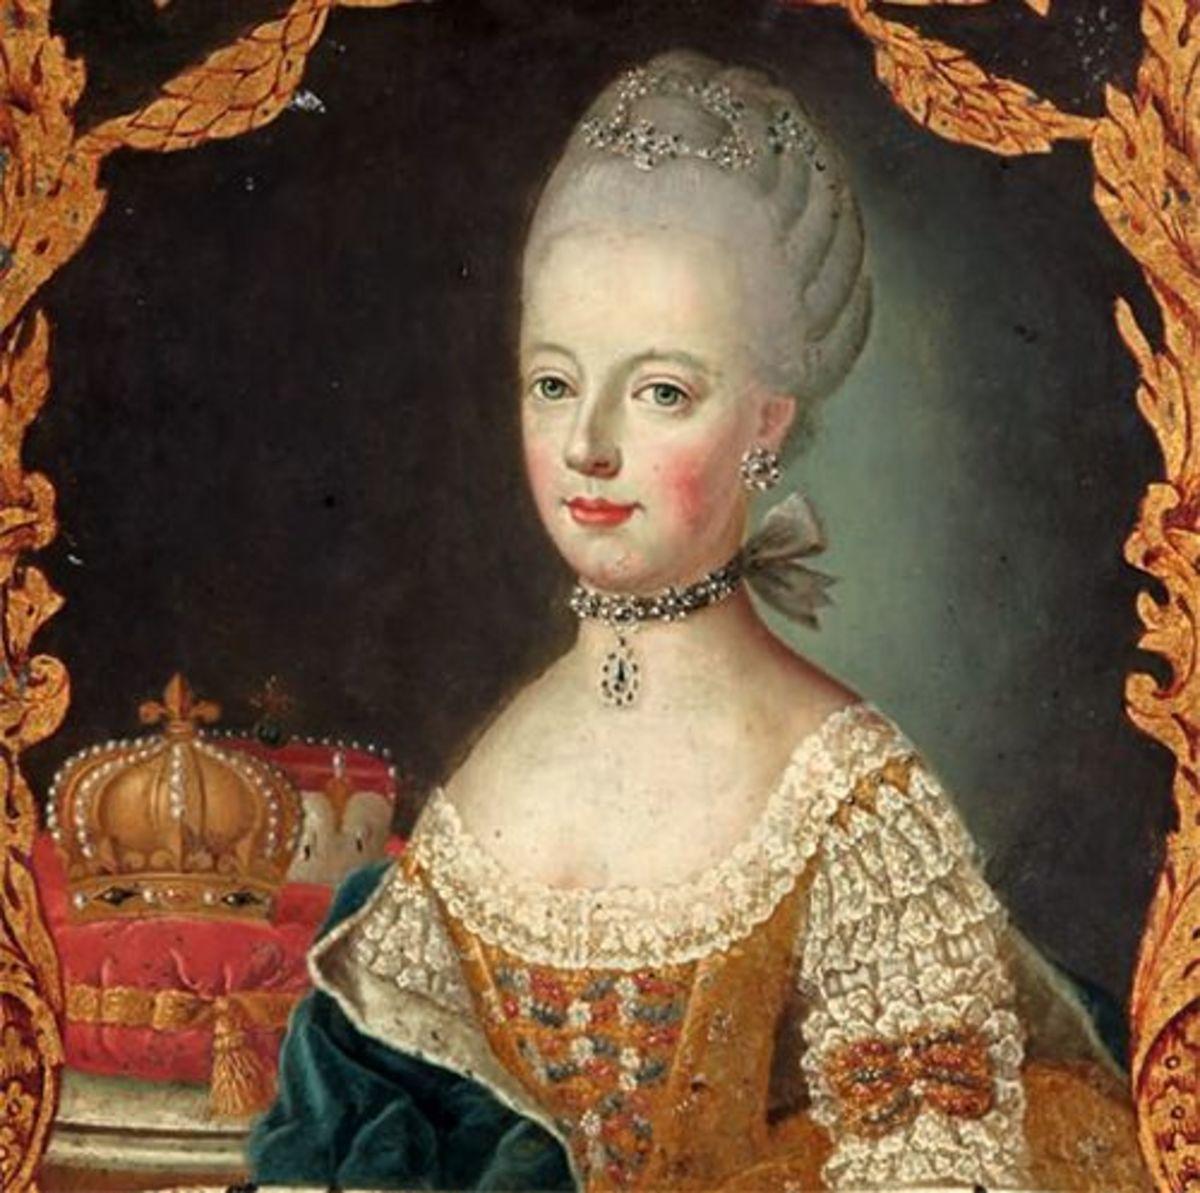 Portrait of Marie Antoinette in 1774 (artist unknown)